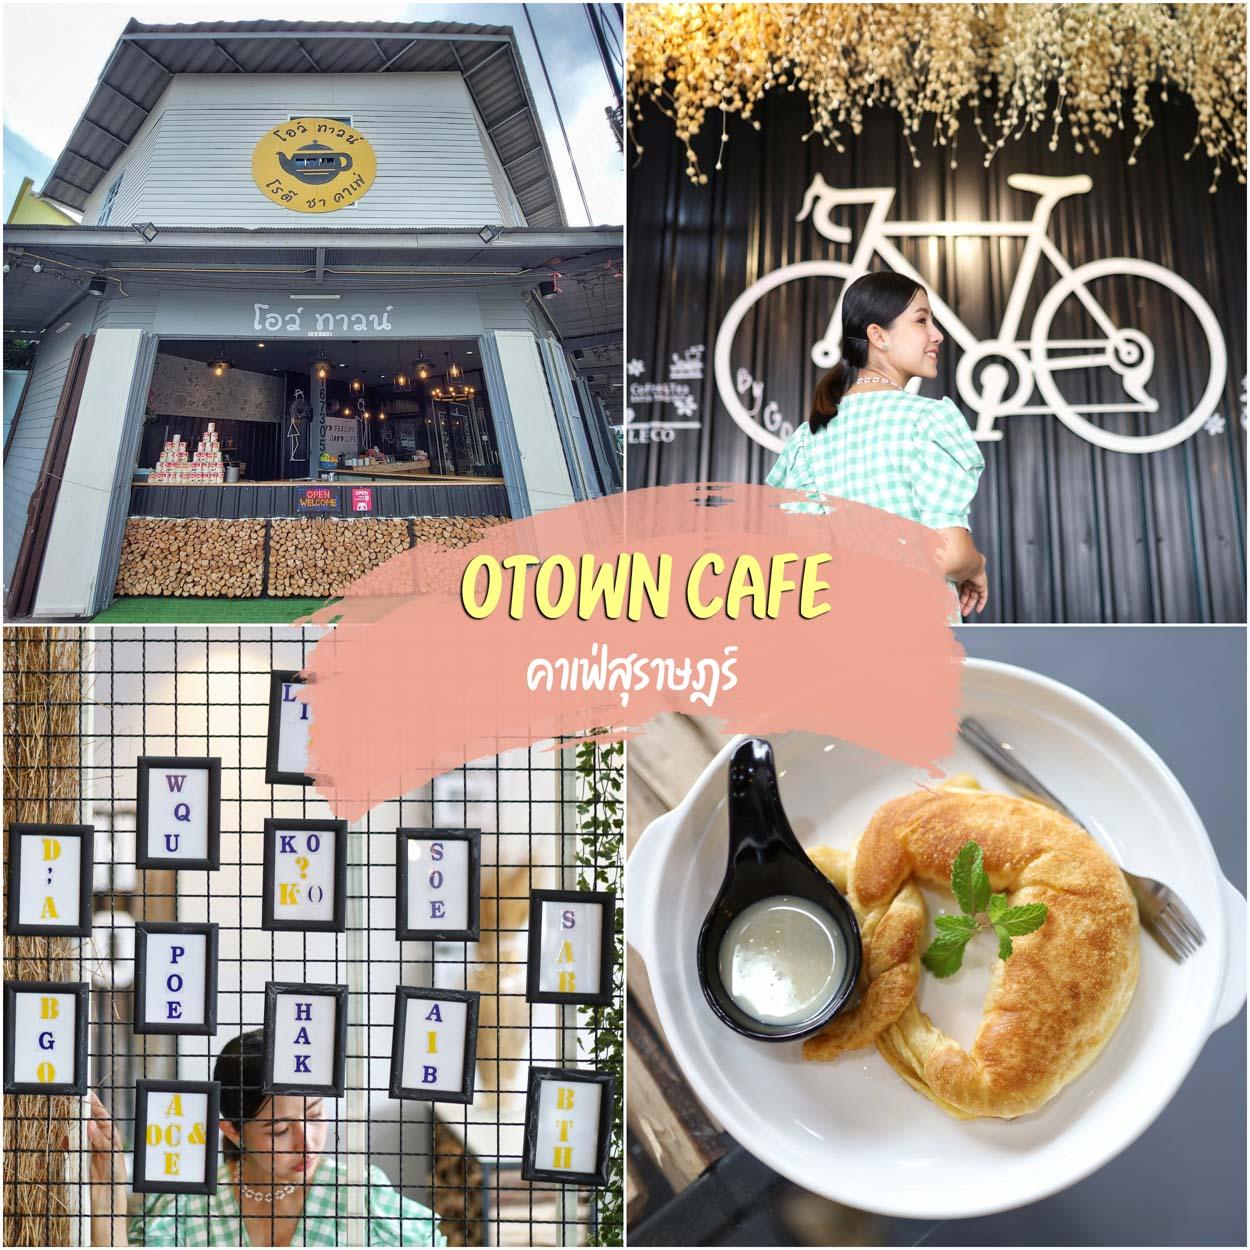 คาเฟ่สุราษฎร์ธานี Otown Cafe โอว์ทาวน์  คาเฟ่  บรรยากาศเมืองเก่าสวยๆฟินๆ